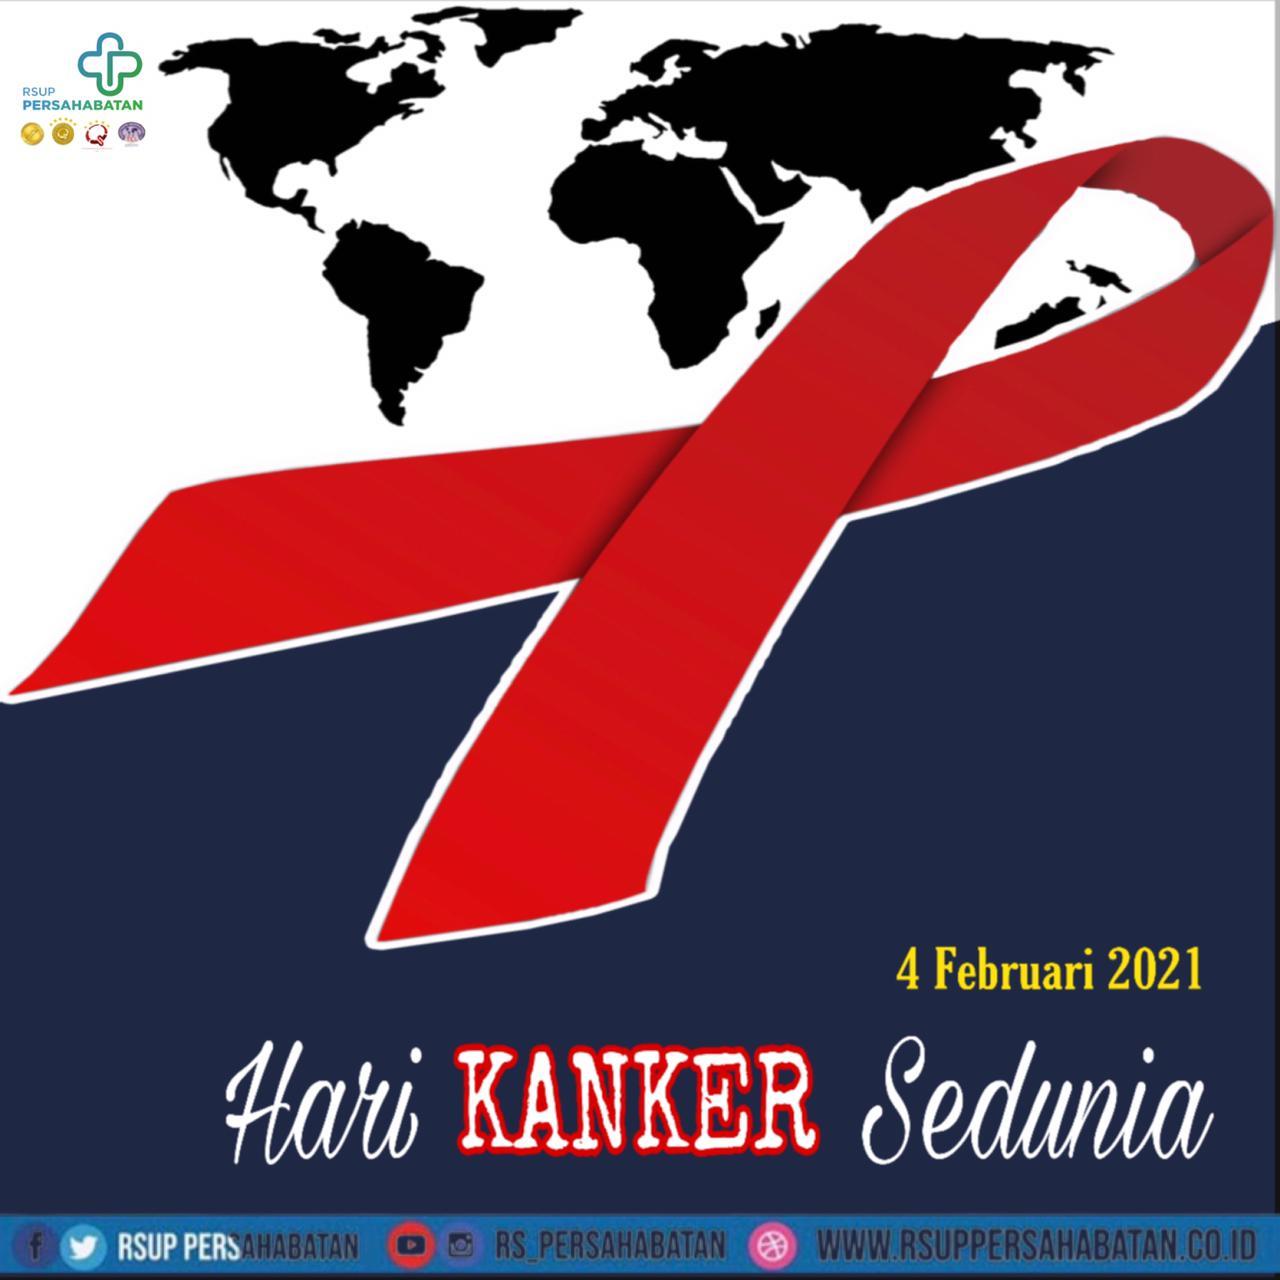 Hari Kanker Sedunia 4 Februari 2021